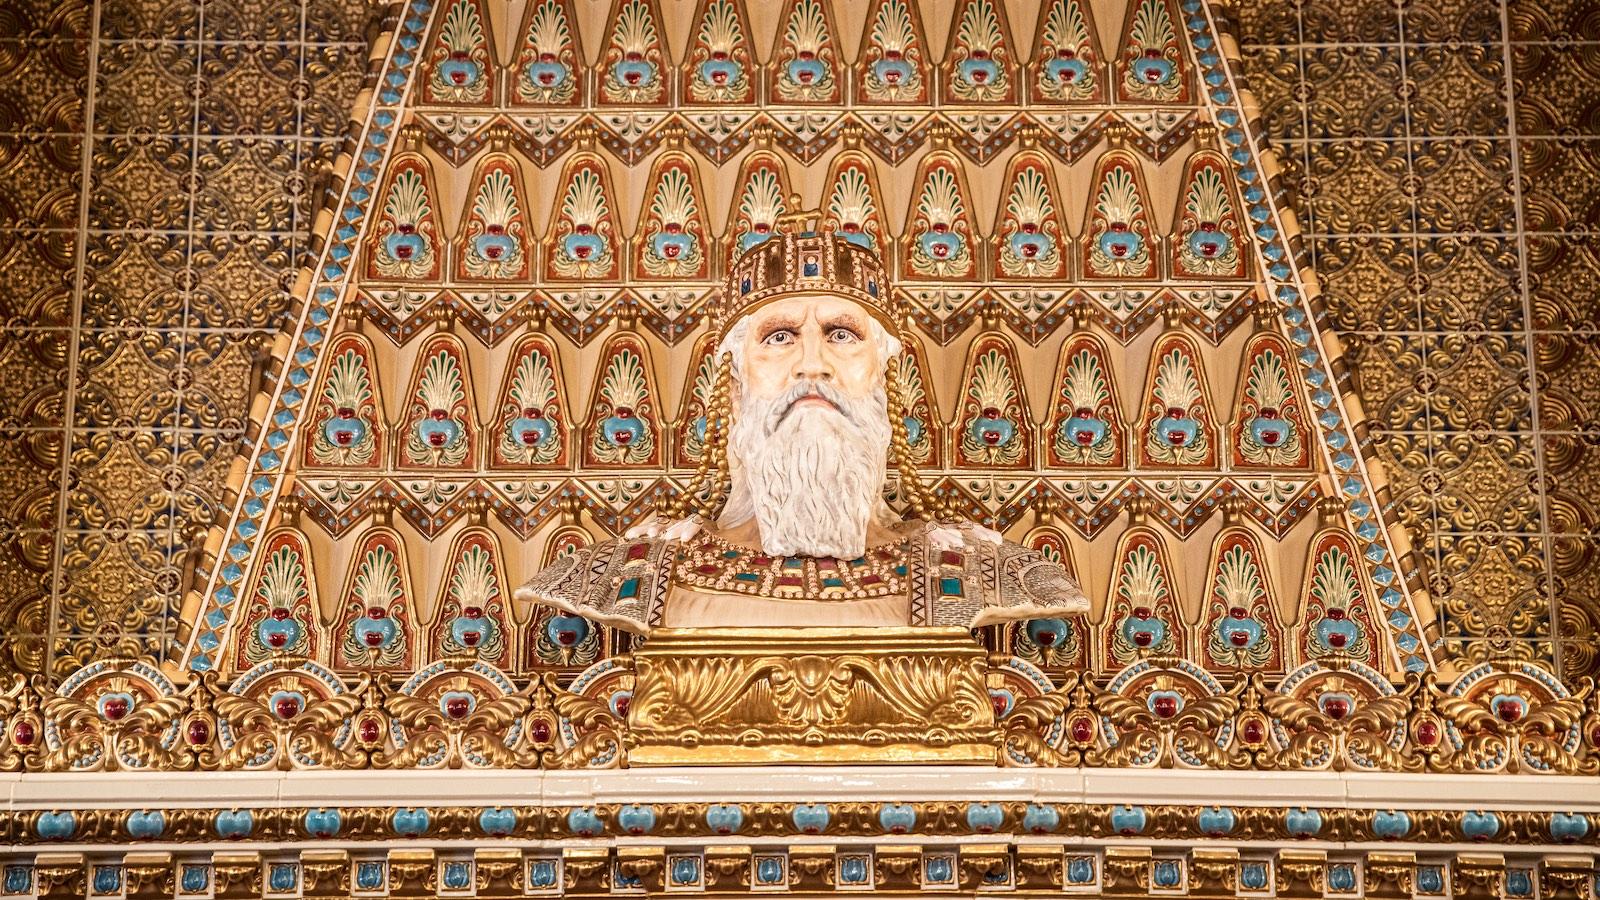 Gyilkos kultúrharcban is sikeres kísérlet – a Szent István-terem nem lett giccs és nem is hiteltelen